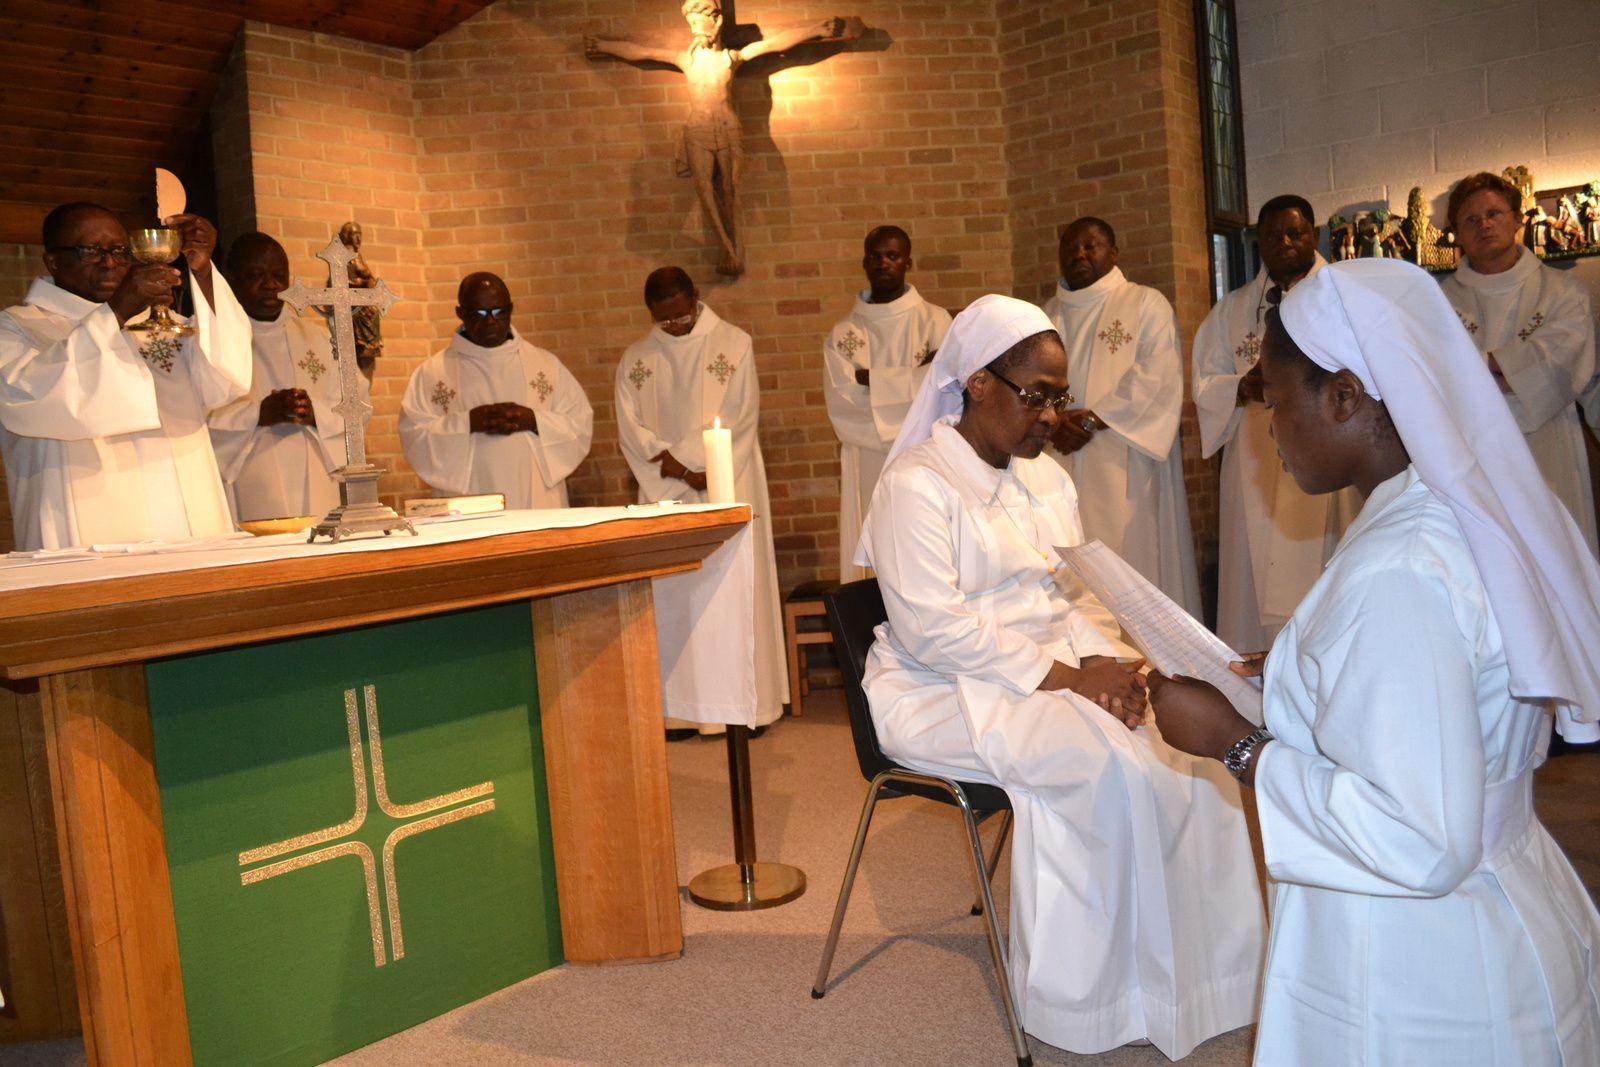 SOUHAITS D'UN PRÊTRE SÉCULIER AUX RELIGIEUSES FRANCISCAINES DE TSHUMBE